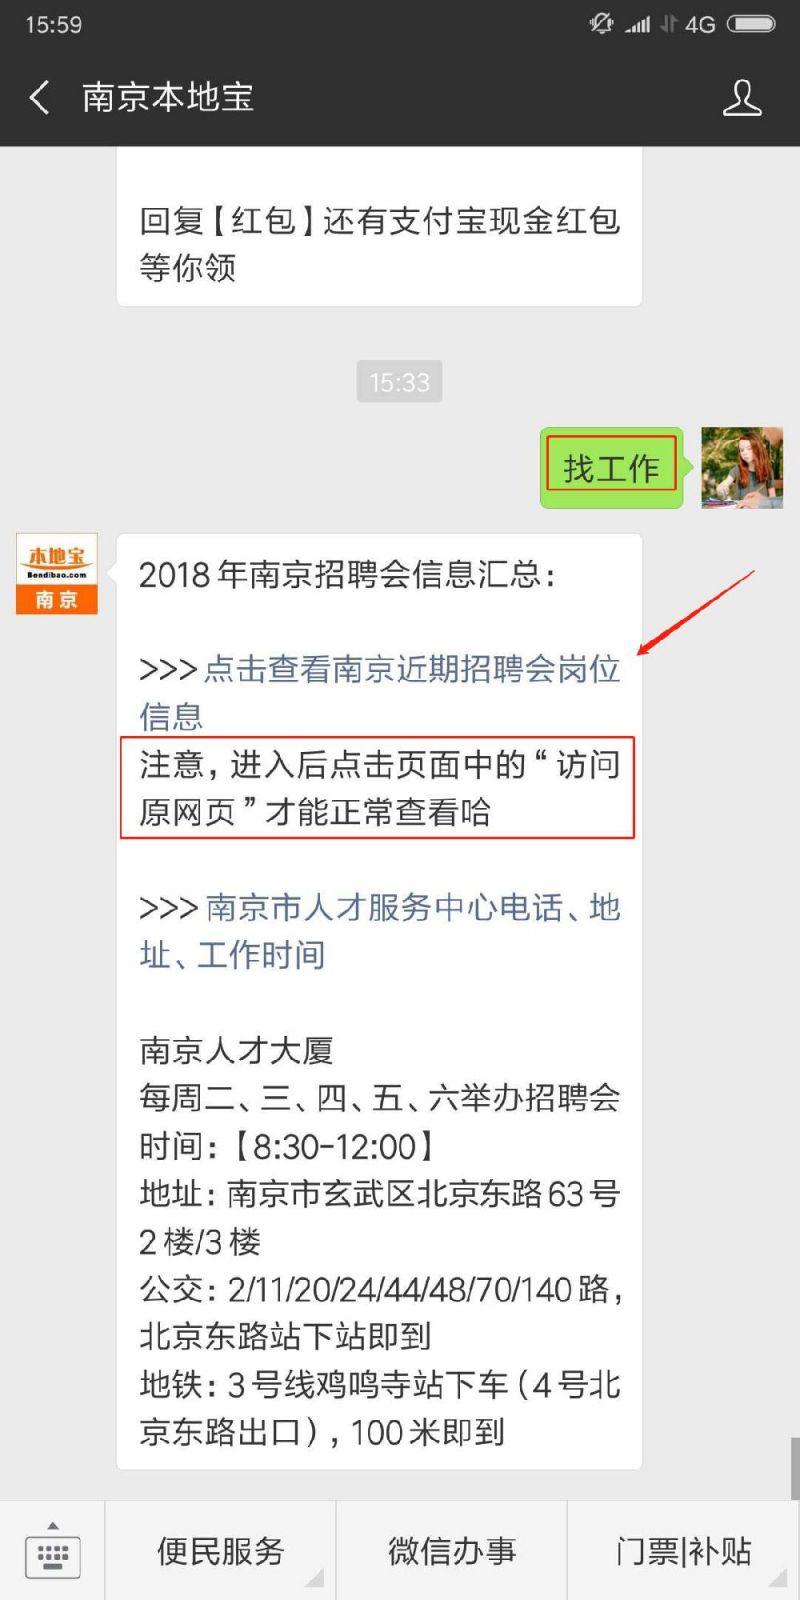 2018南京扬子石化招聘(时间 地点 人数)